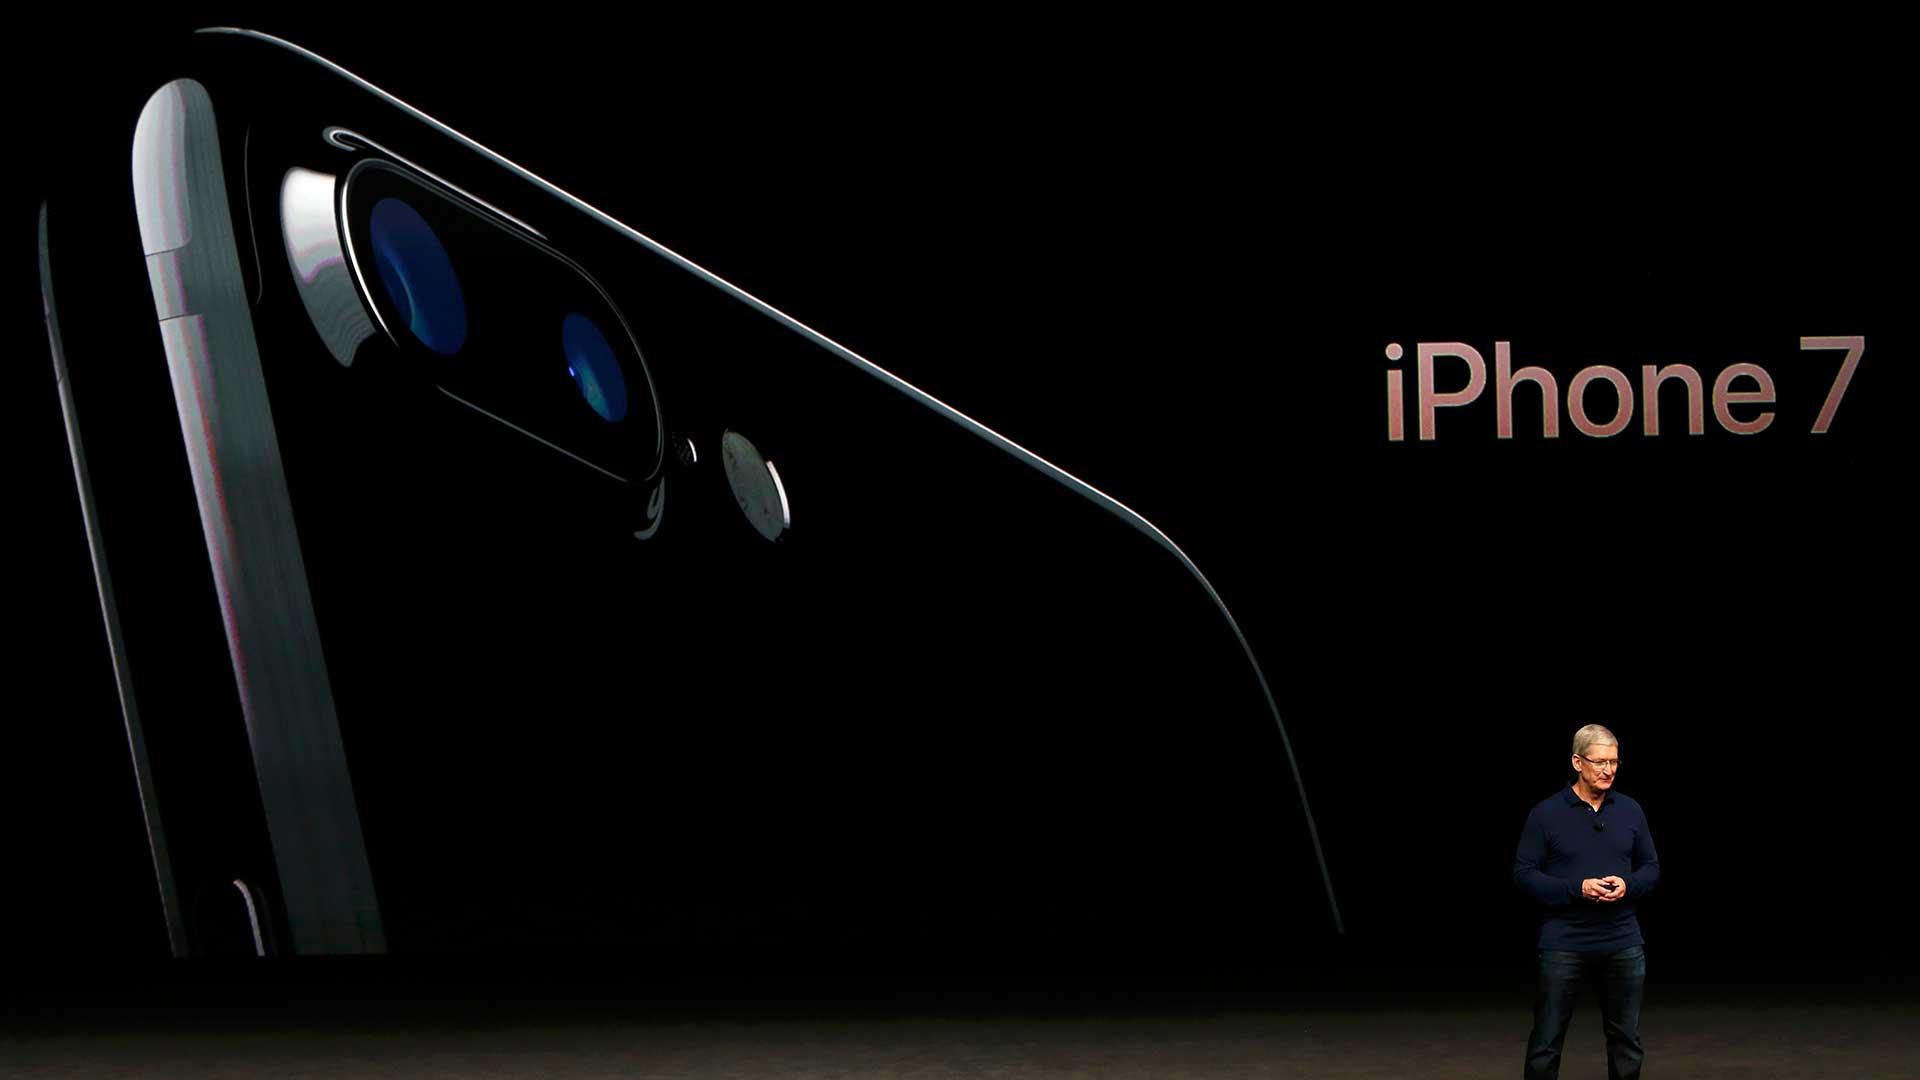 La doble cámara trasera del iPhone 7 Plus permitirá mejor entrada de luz y una definición más óptima (Reuters)